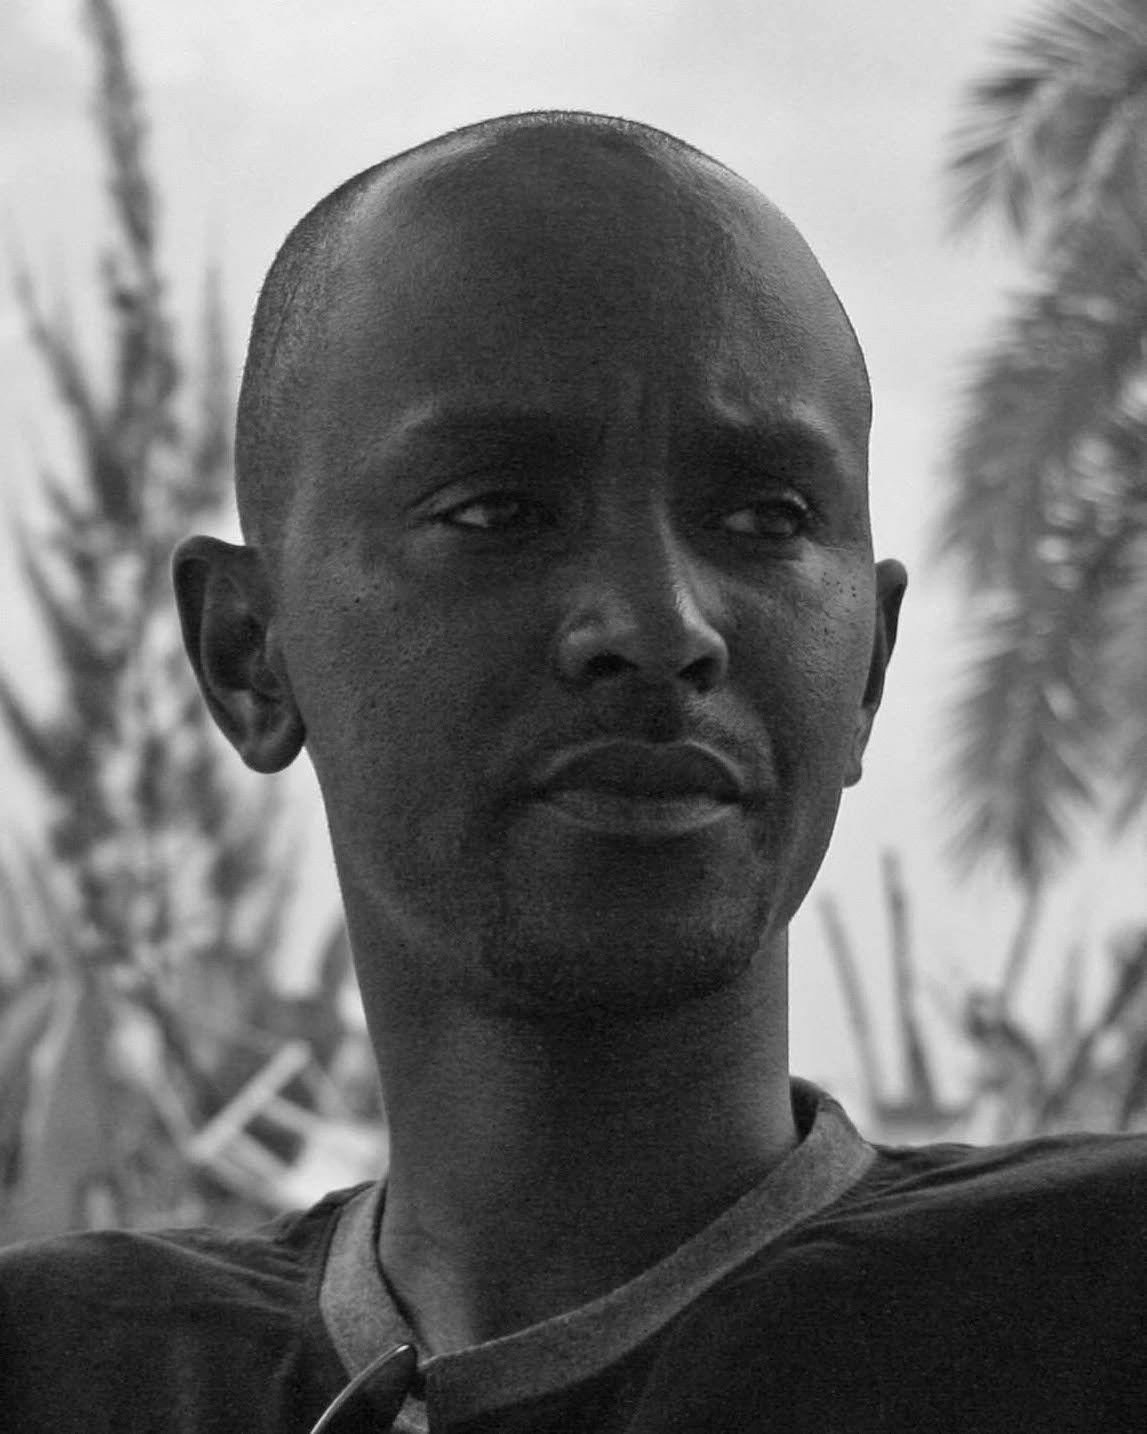 Eric Eugene Murangwa